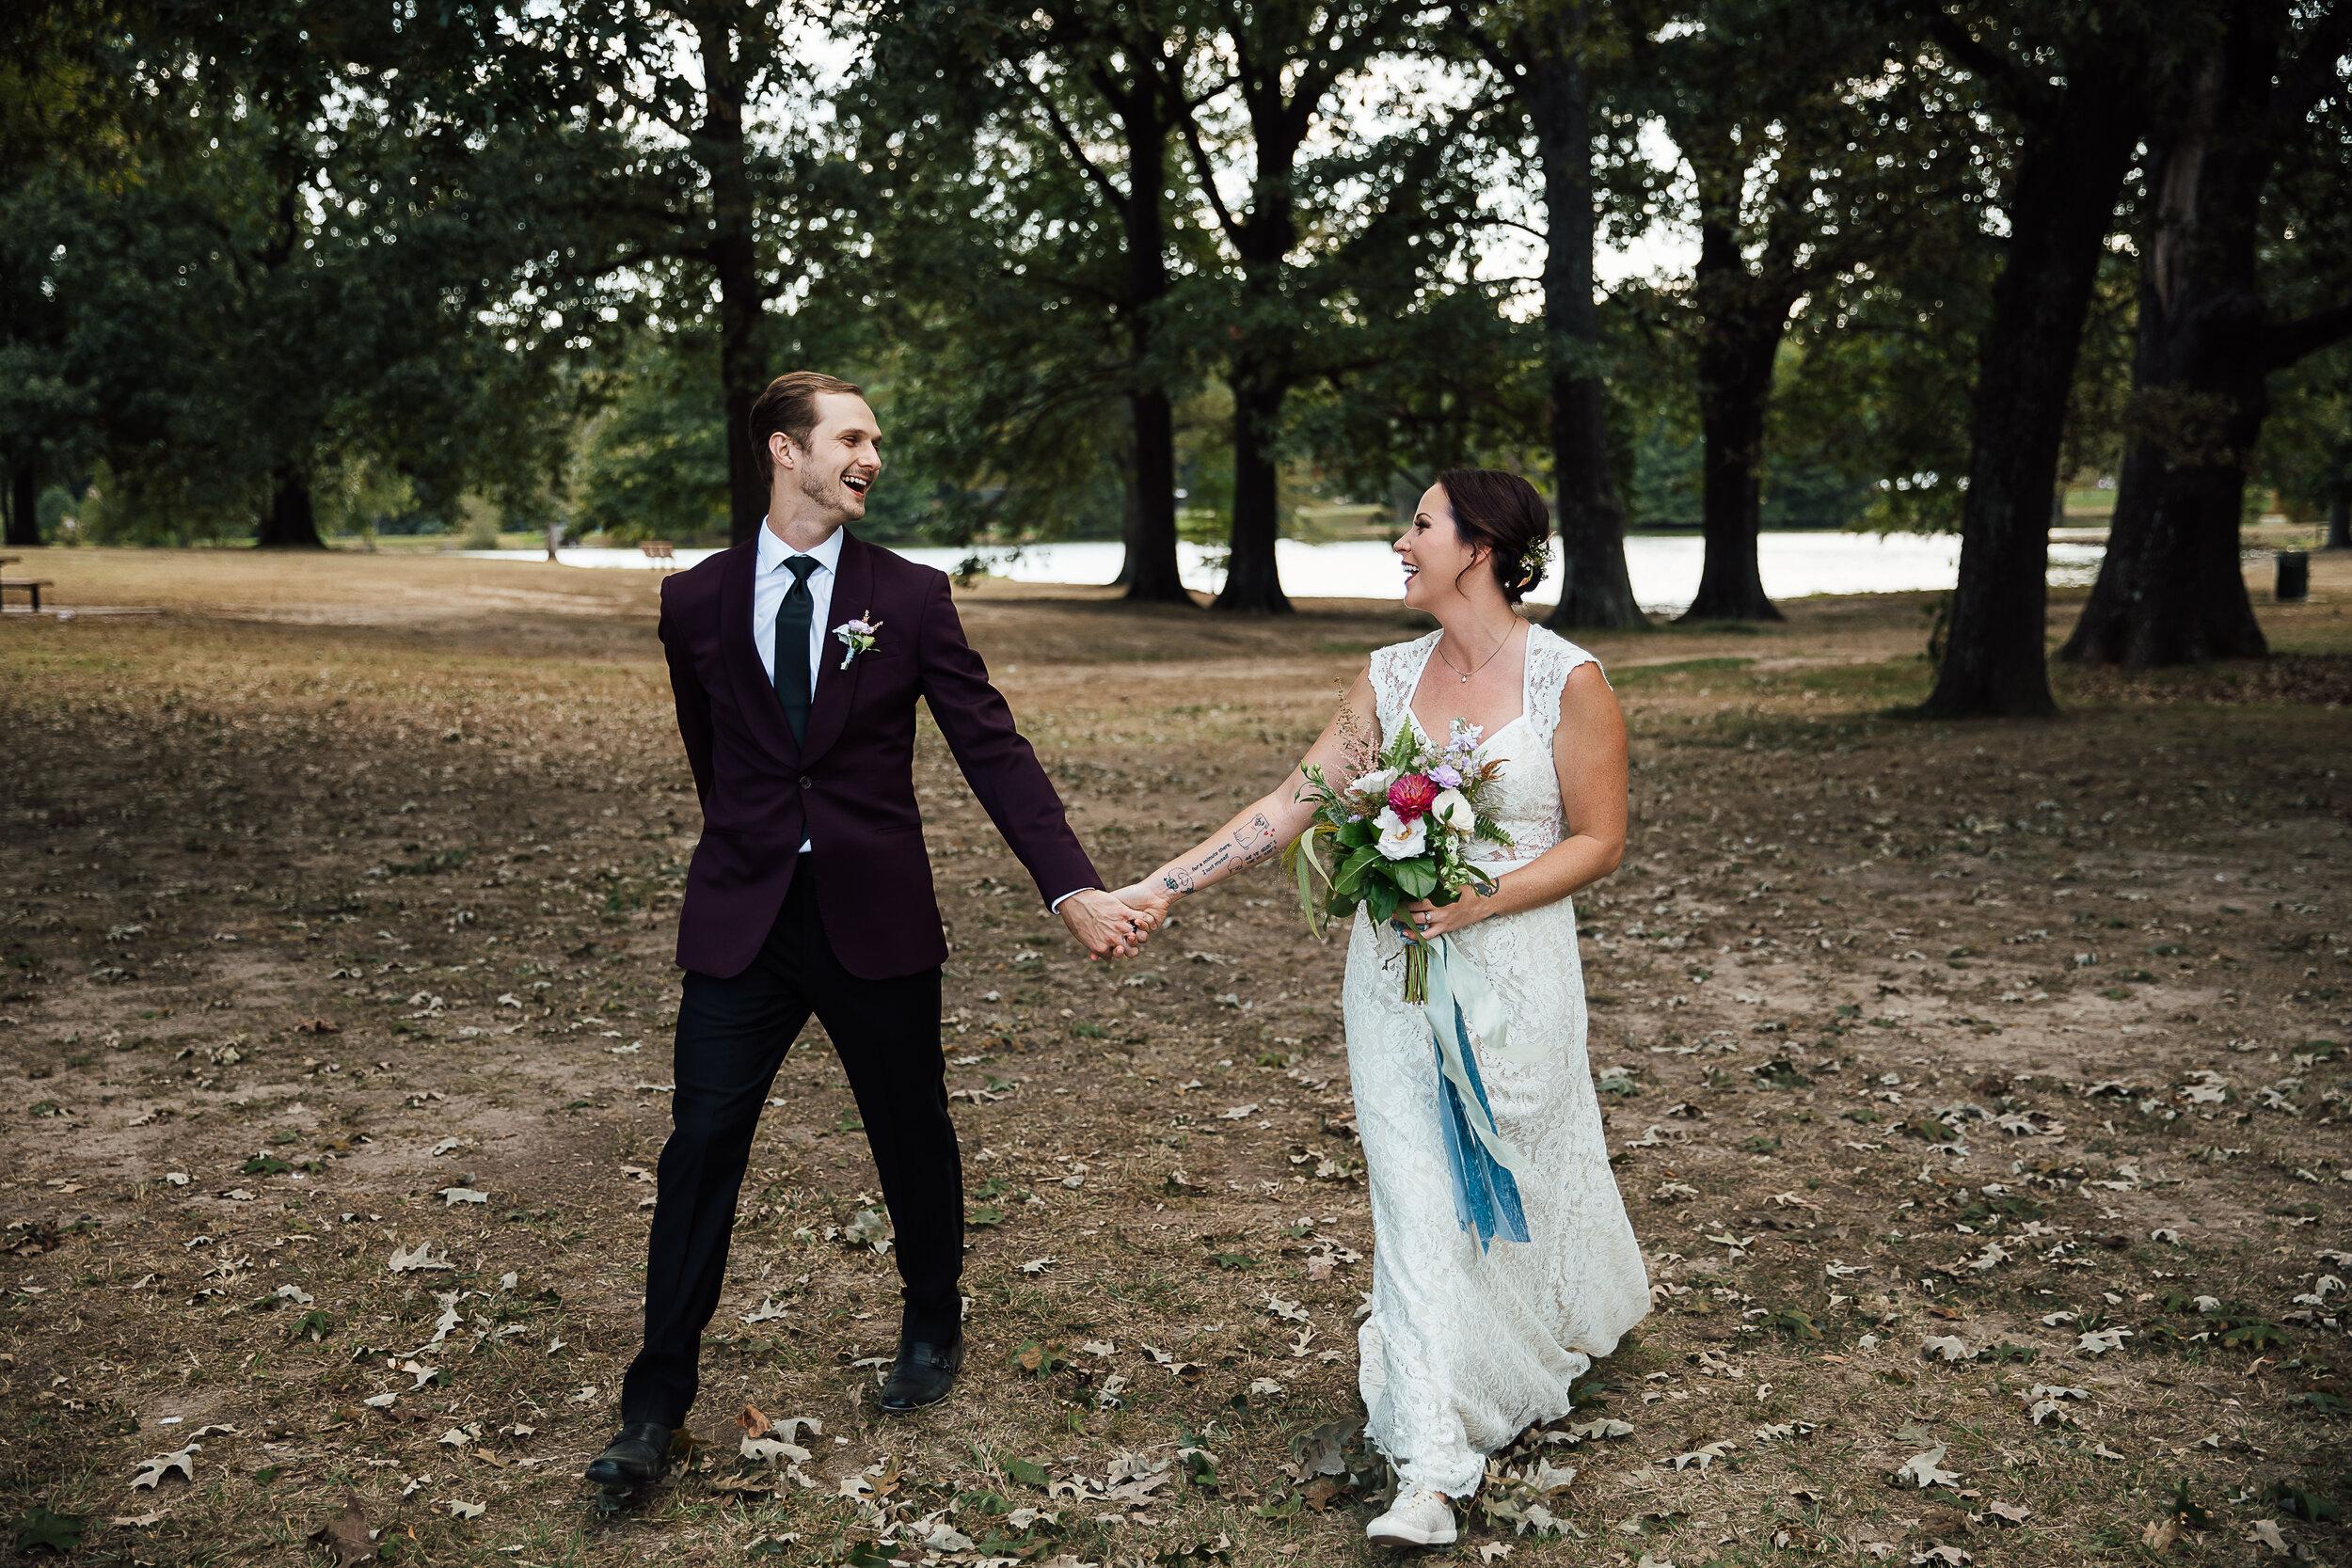 Allison-and-Wesley-Memphis-Backyard-Wedding-TheWarmthAroundYou-139.jpg